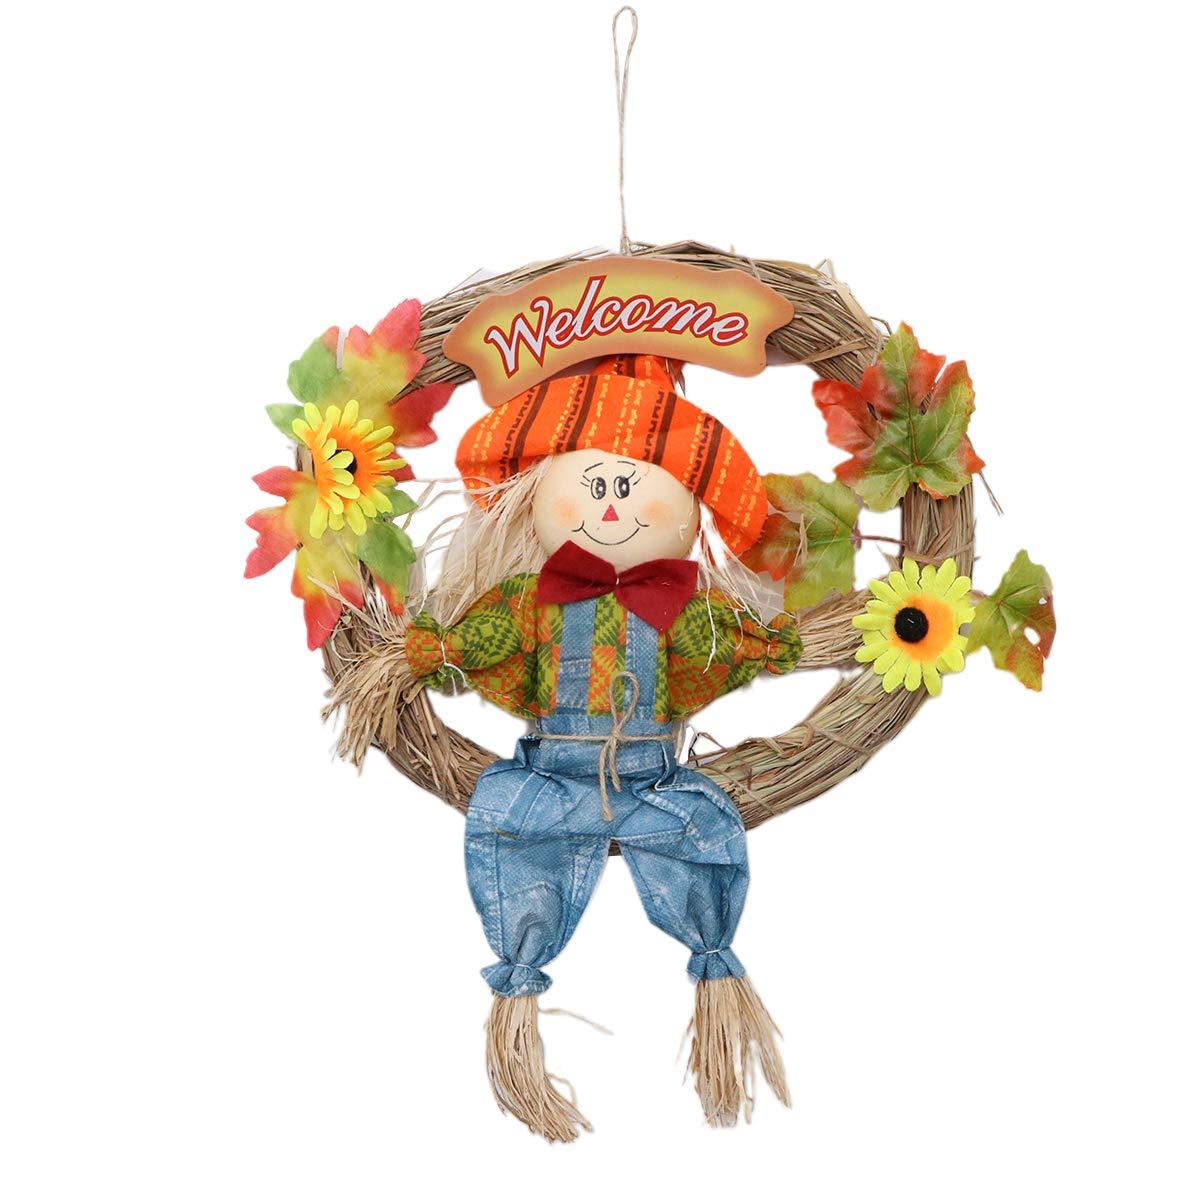 Garneck Espantapájaros para Colgar, Guirnalda de espantapájaros, decoración de Halloween, Acción de Gracias, Cosecha de otoño, decoración para Fiestas, Escuela, hogar, Bar, jardín (Grande/Macho): Amazon.es: Juguetes y juegos